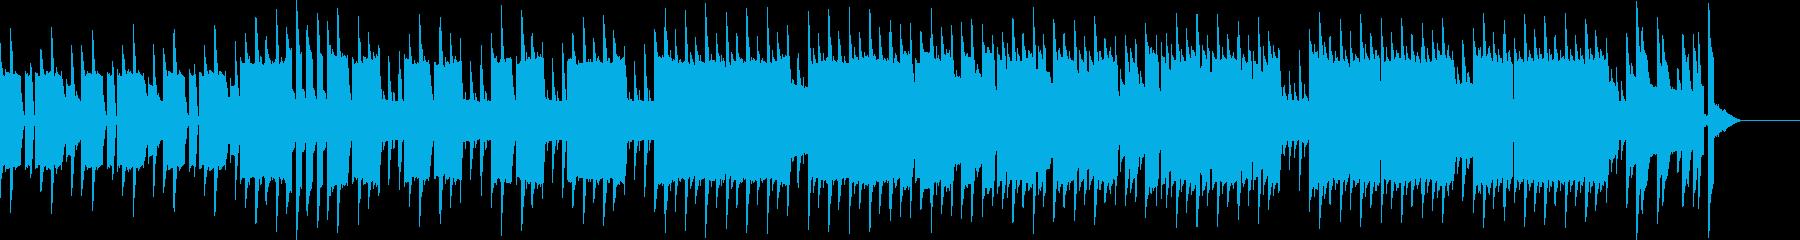 8bit風のポップで軽快なチップチューンの再生済みの波形